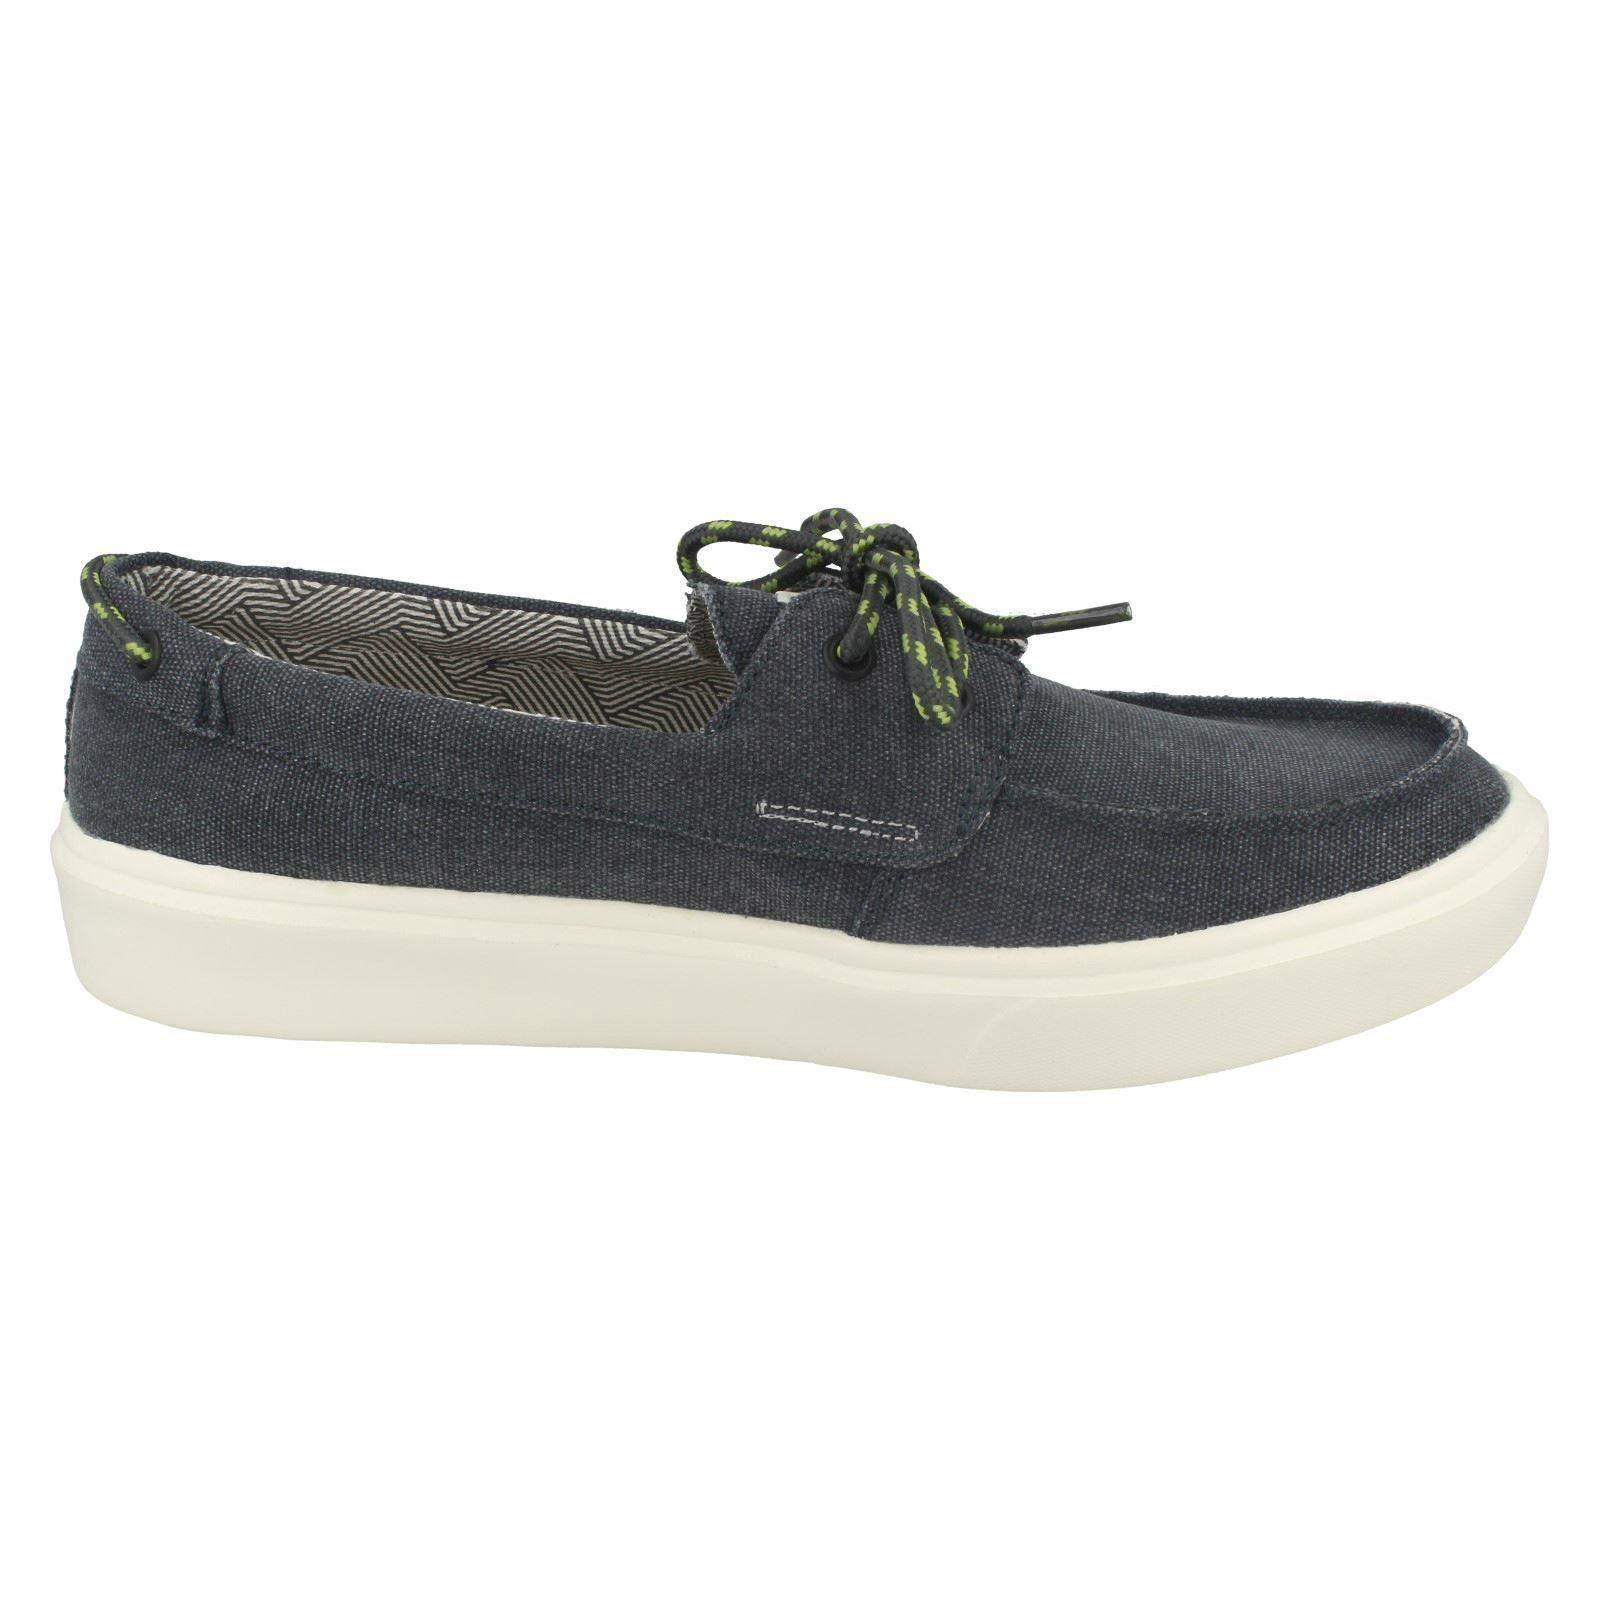 Mens Boat Hey Dude Lace Up Boat Mens Shoes 'Kola' 43991b